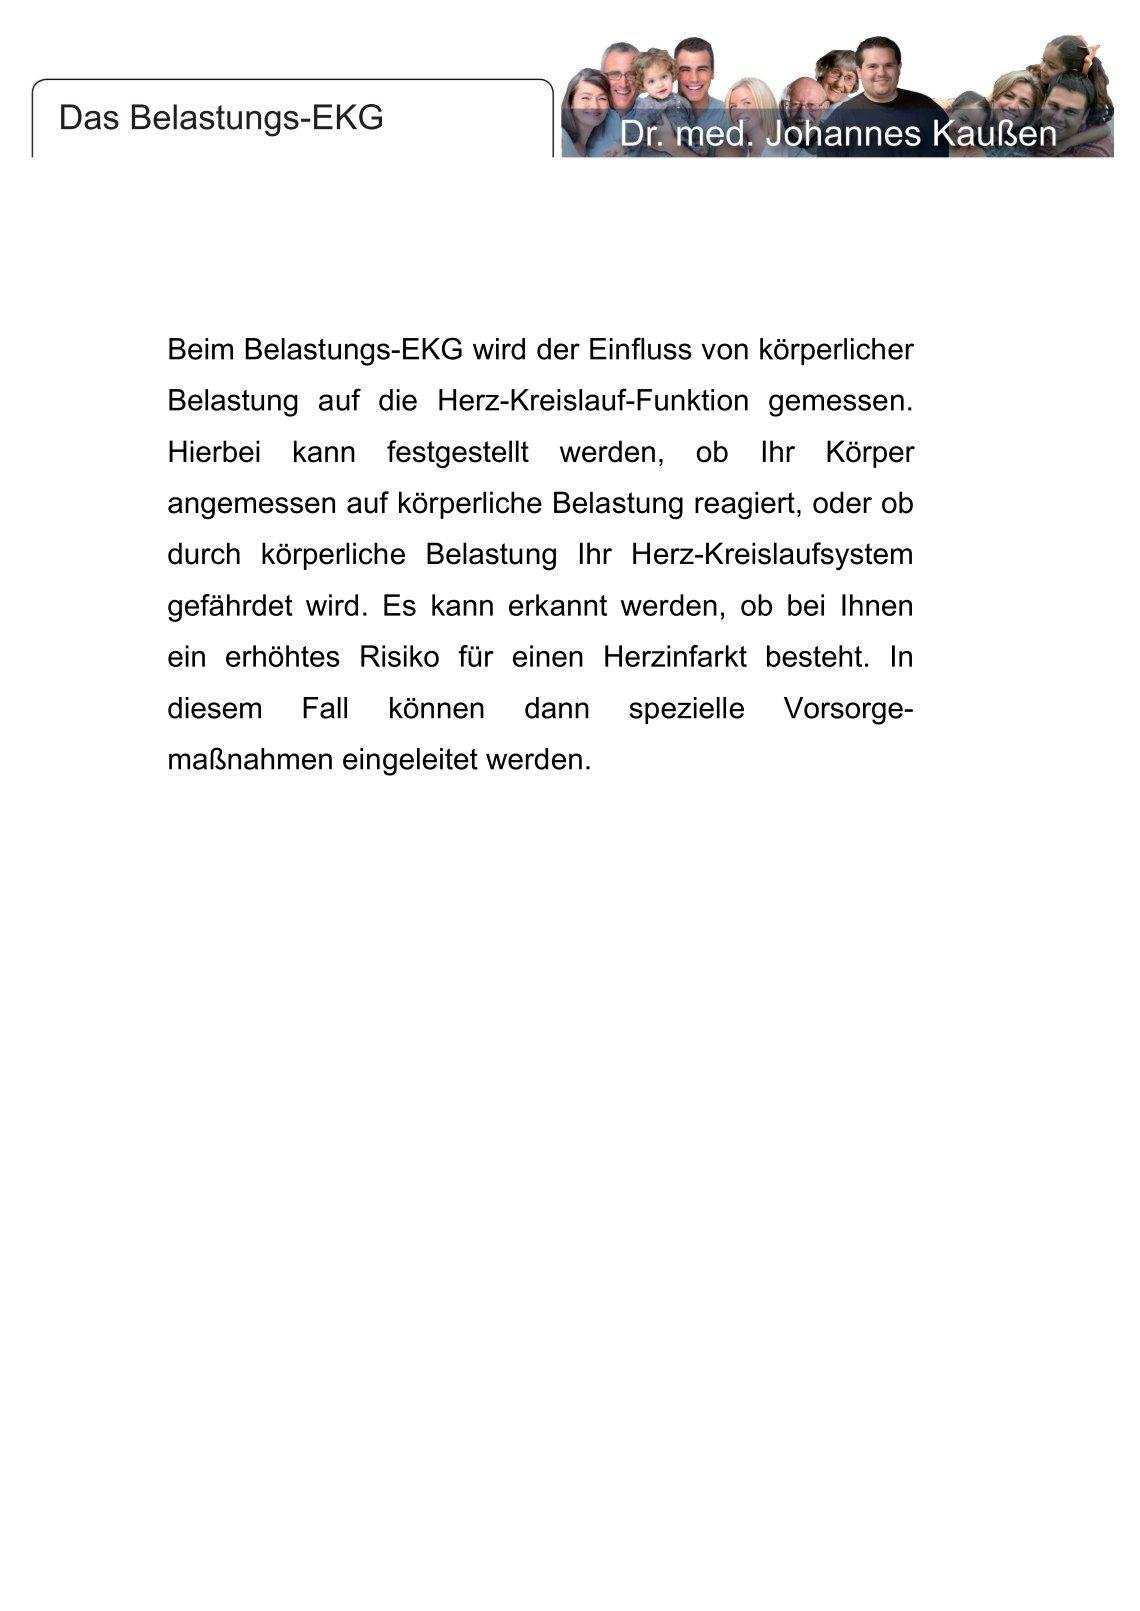 Berühmt Herz Kreislauf System Funktion Fotos - Physiologie Von ...